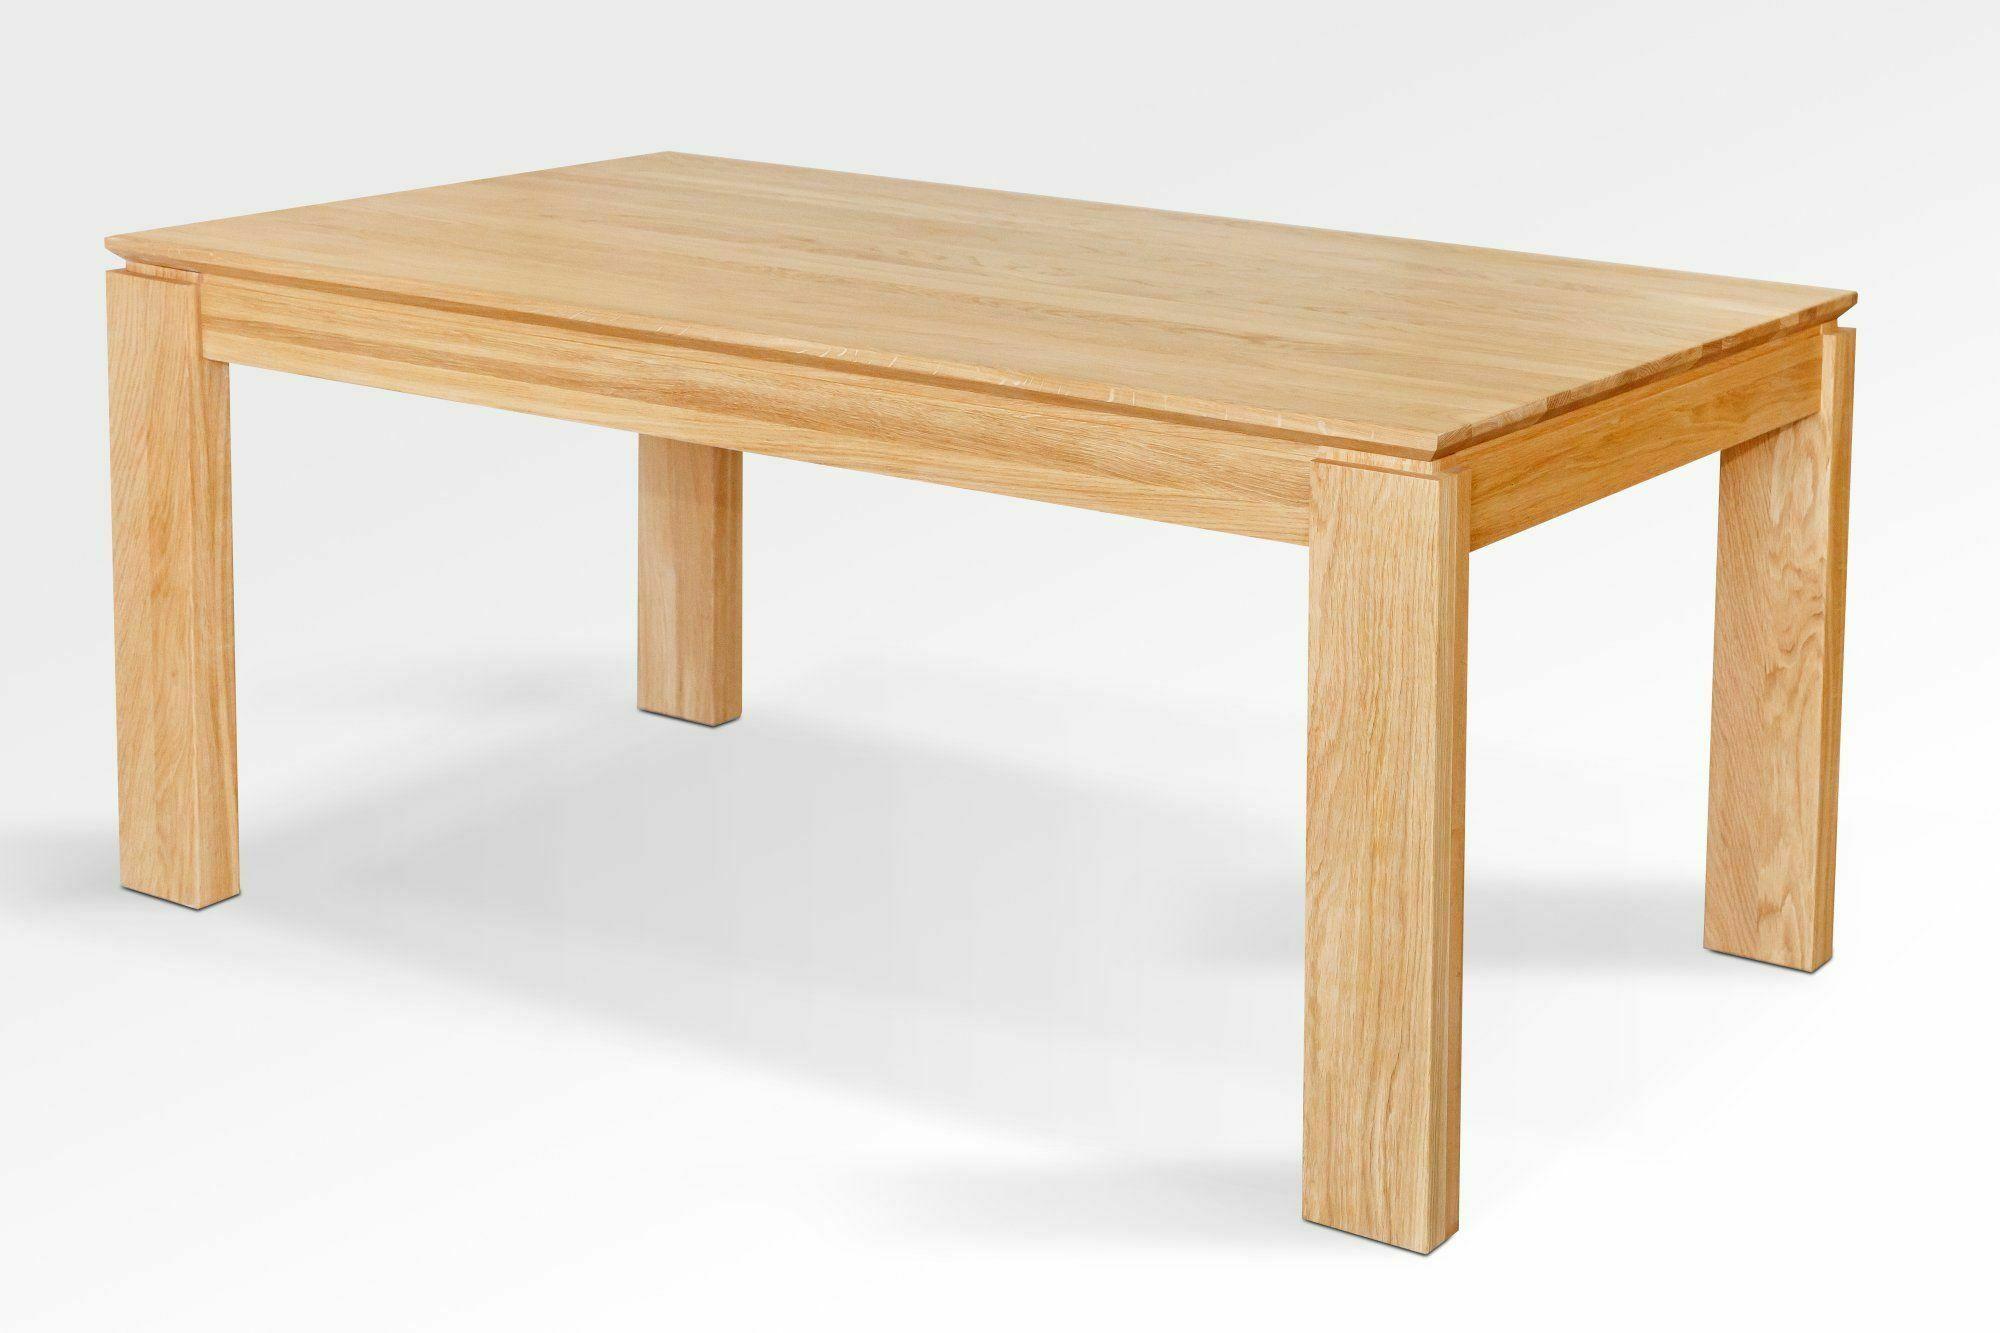 Stół dębowy 22 rozsuwany / blat dębowy